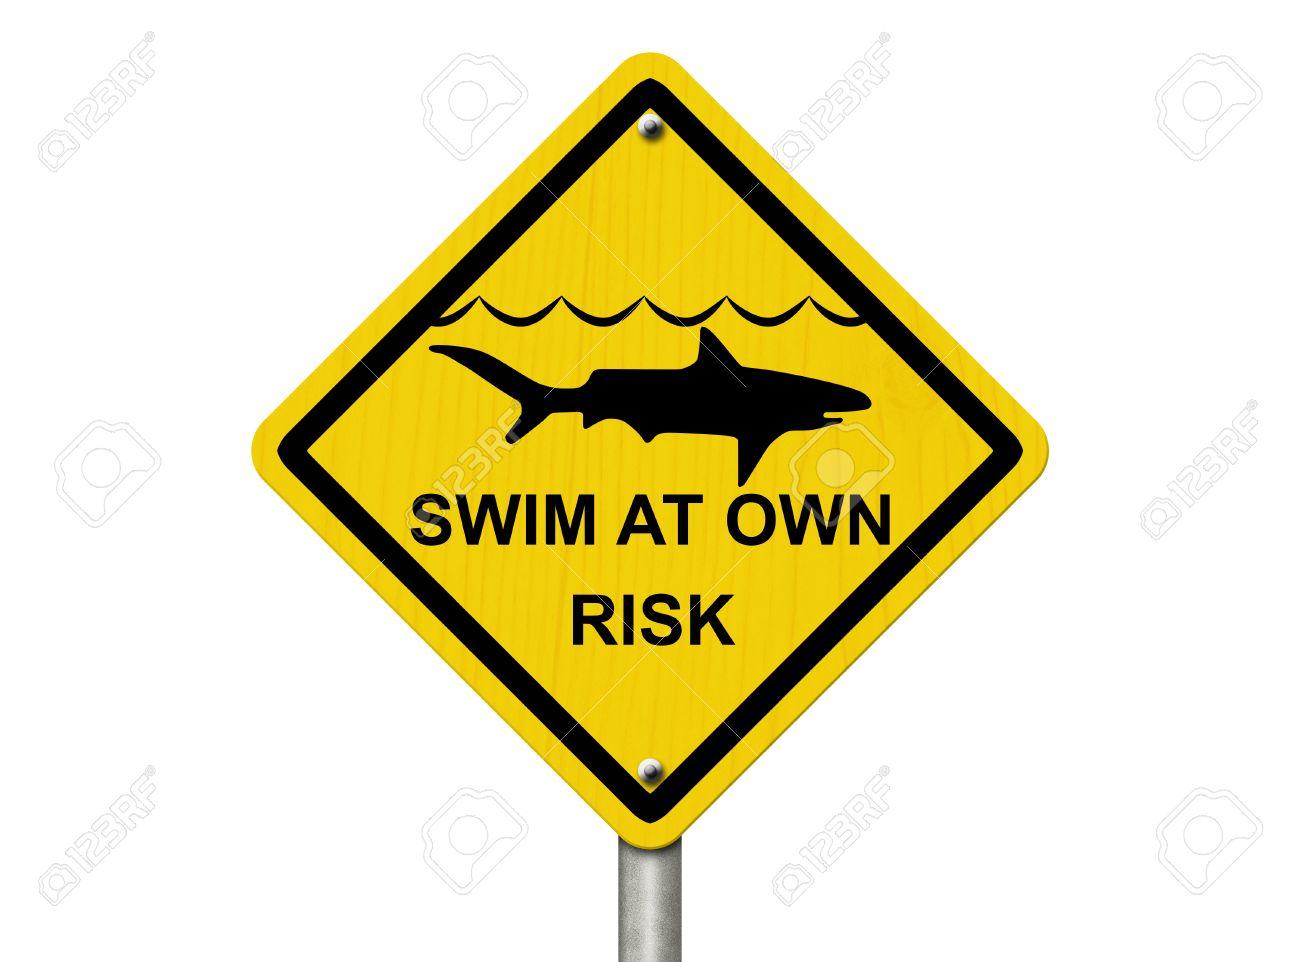 ein warnzeichen auf weiß mit hai-symbol und wörter schwimmen auf